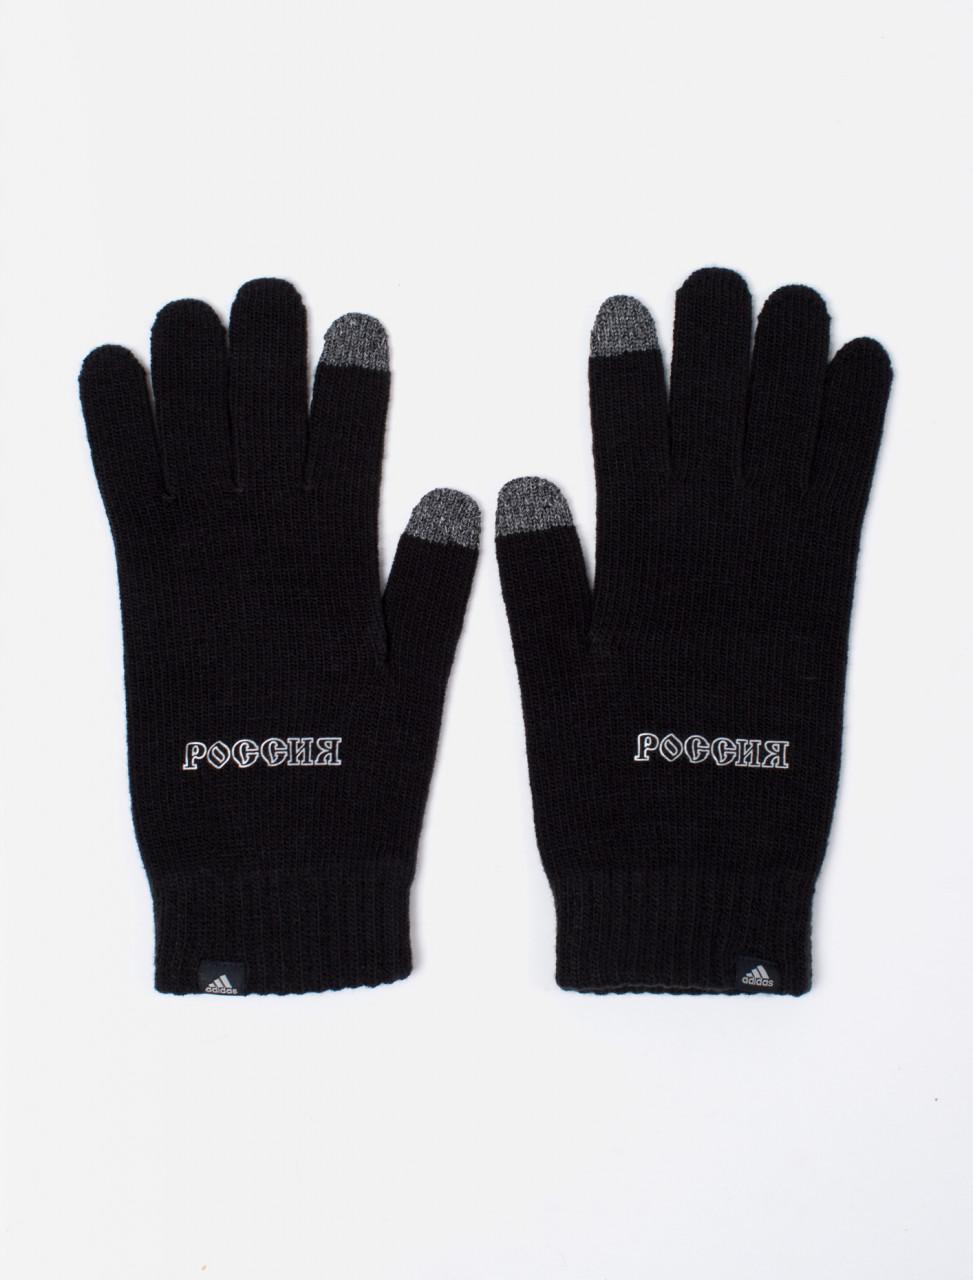 Adidas x Gosha Rubchinskiy Gloves